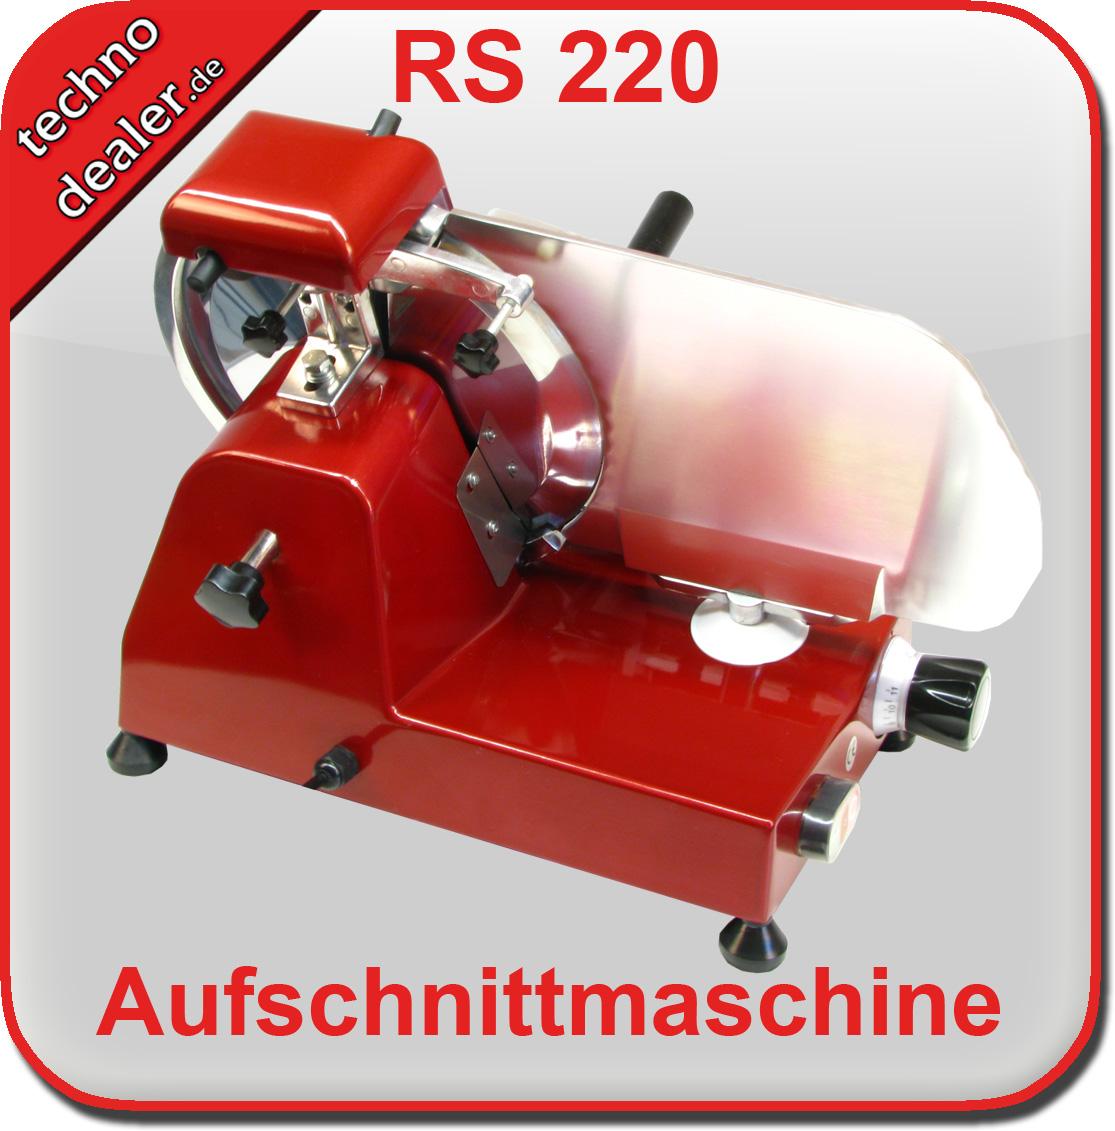 Aufschnittmaschine RS 220 rot